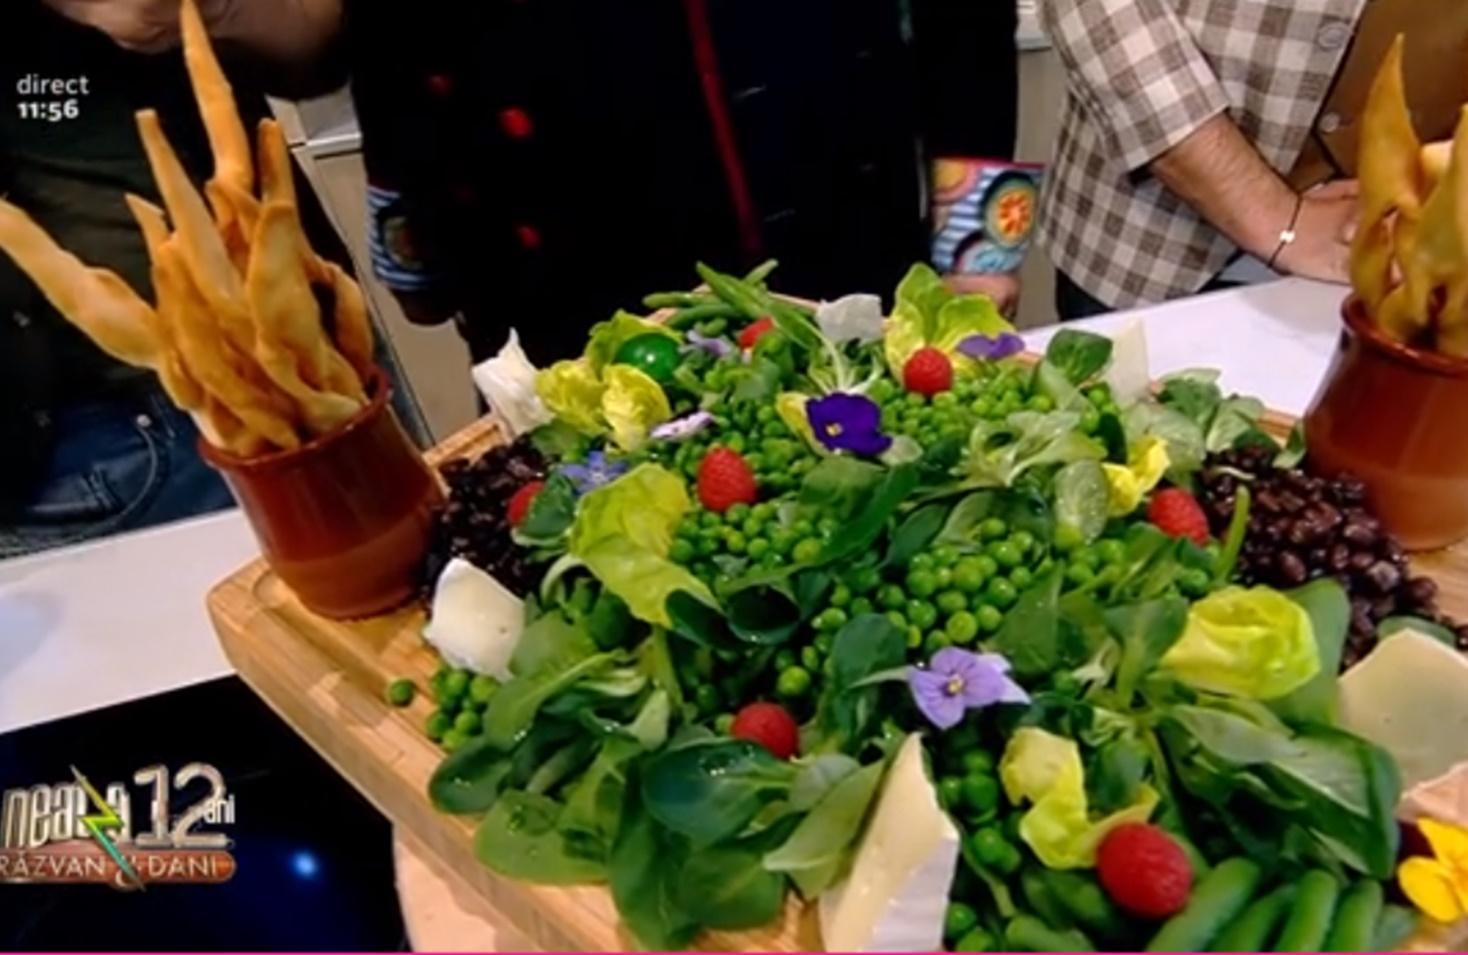 Salată de primăvară servită cu minciunele picante - Rețeta lui Vlăduț de la Neatza cu Răzvan și Dani